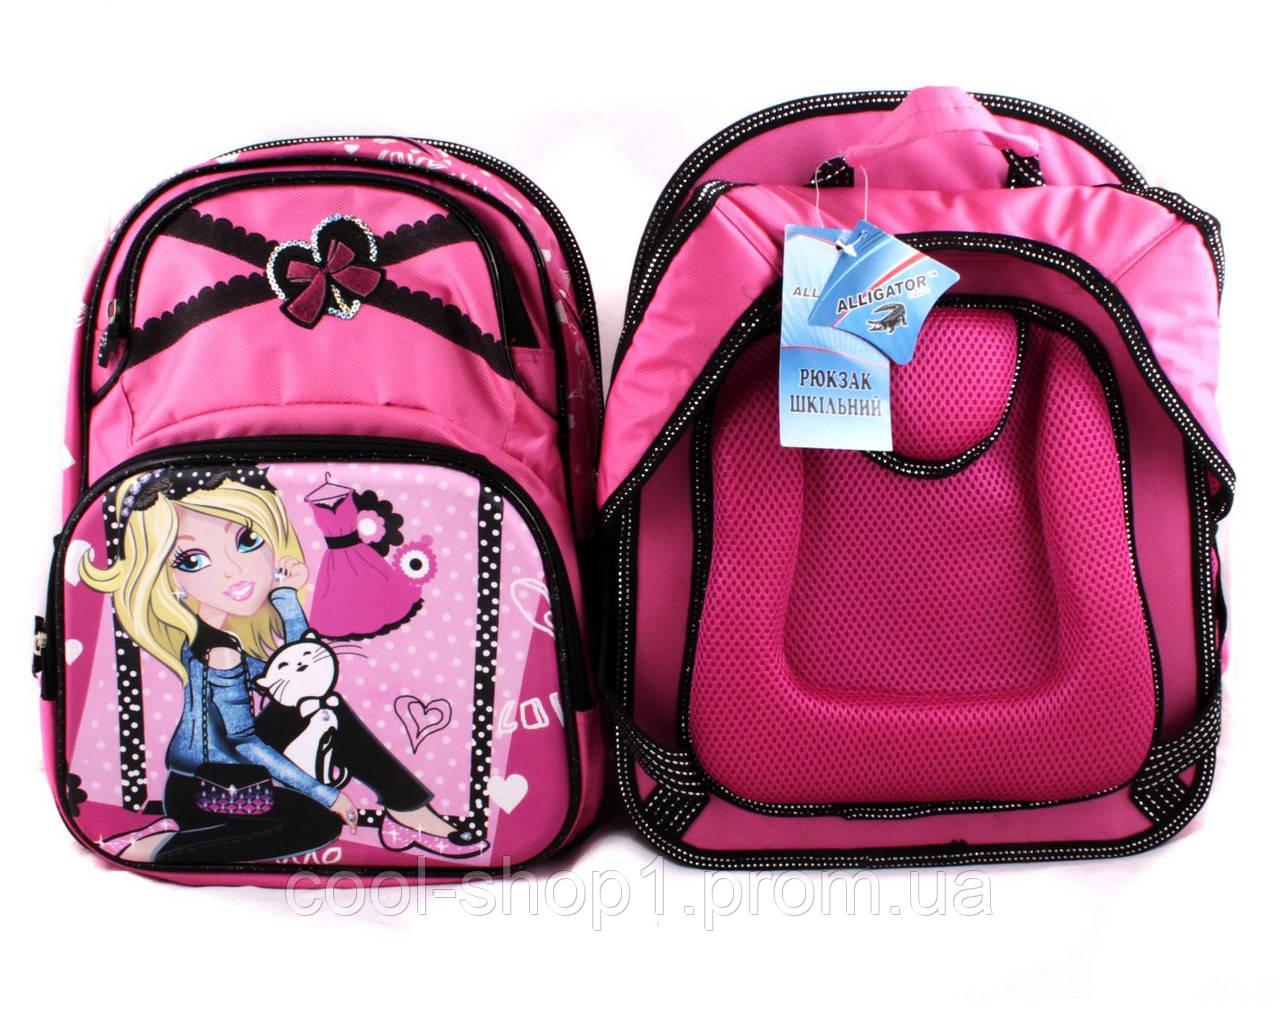 827843fa0250 Рюкзак Барби ортопедический . Рюкзак Barbie школьный для девочки-ученицы  младших и старших классов. Рюкзак дет, цена 643,35 грн., купить Рахов —  Prom.ua ...